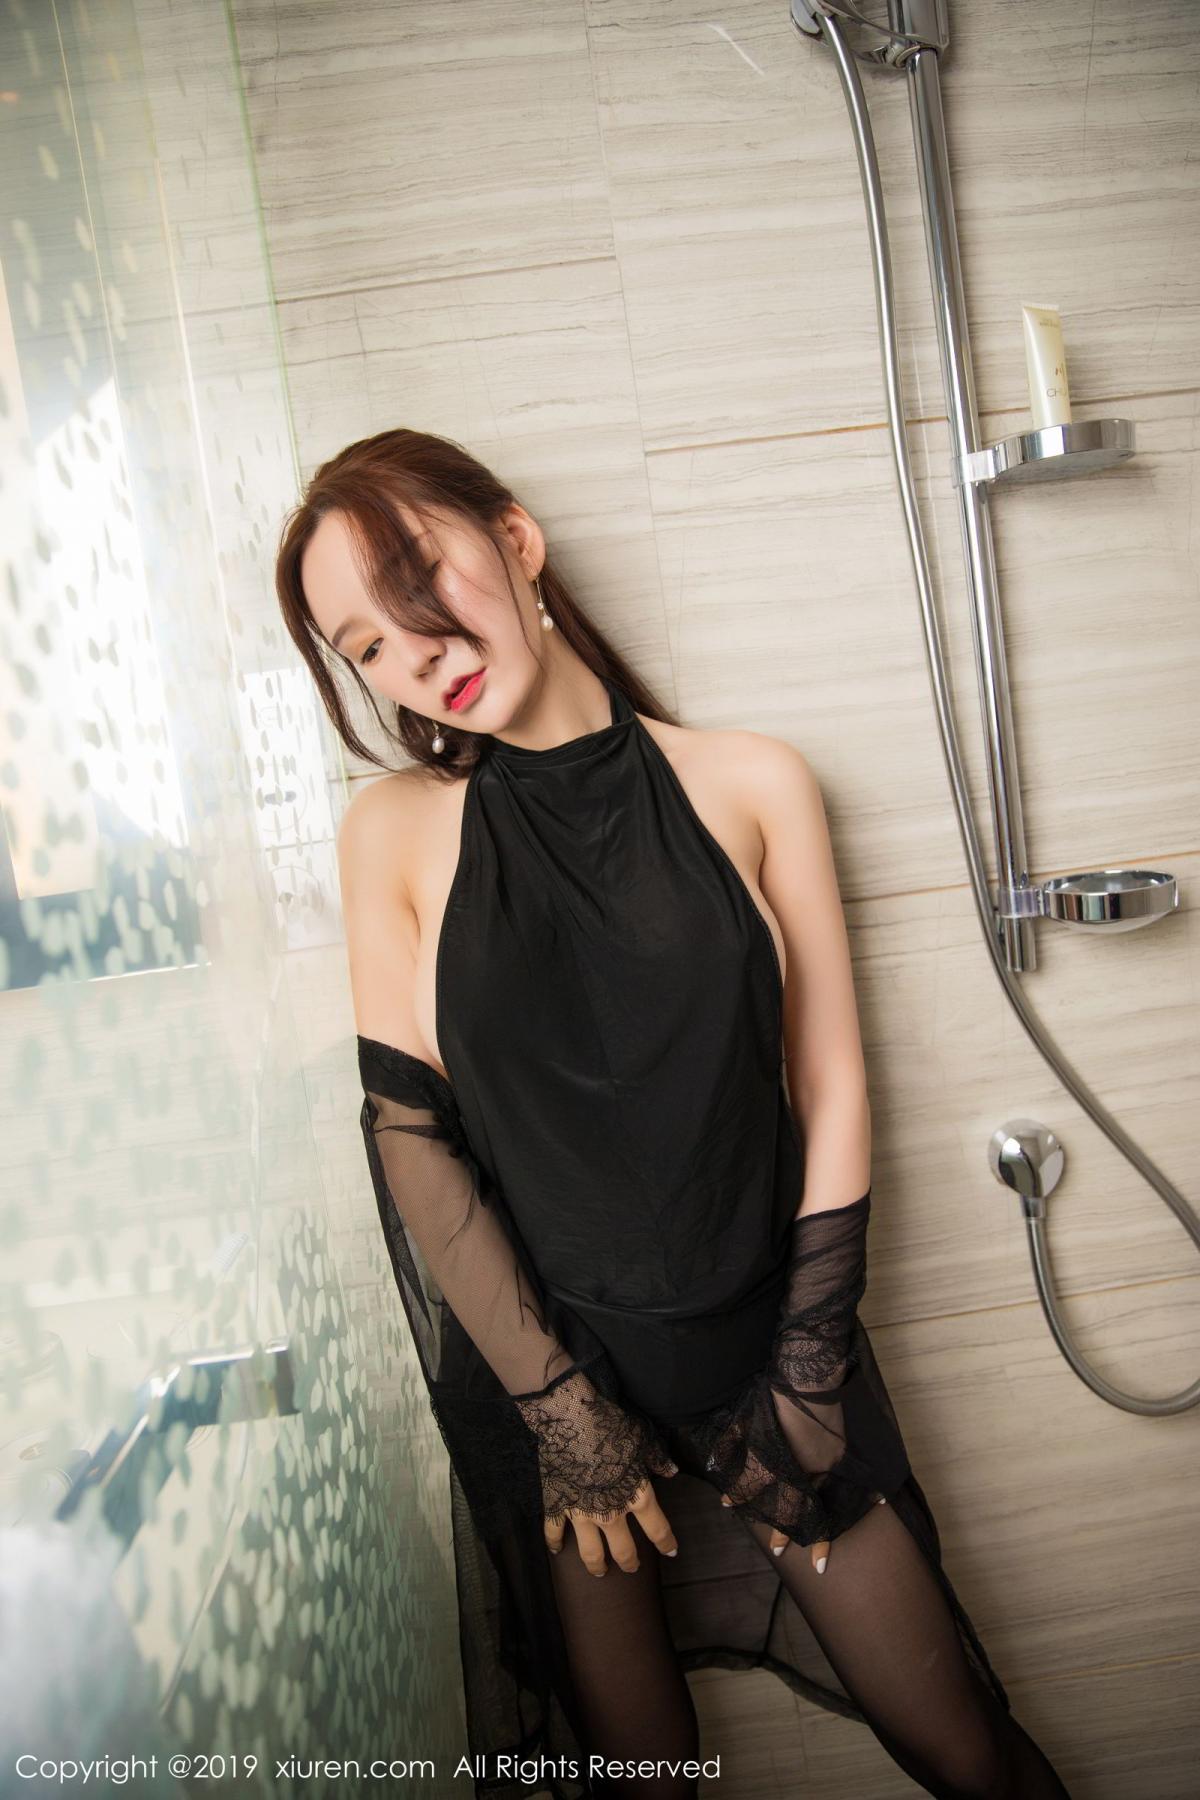 [XiuRen] Vol.1556 Zhou Yu Xi 26P, Bathroom, Black Silk, Tall, Underwear, Xiuren, Zhou Yu Xi